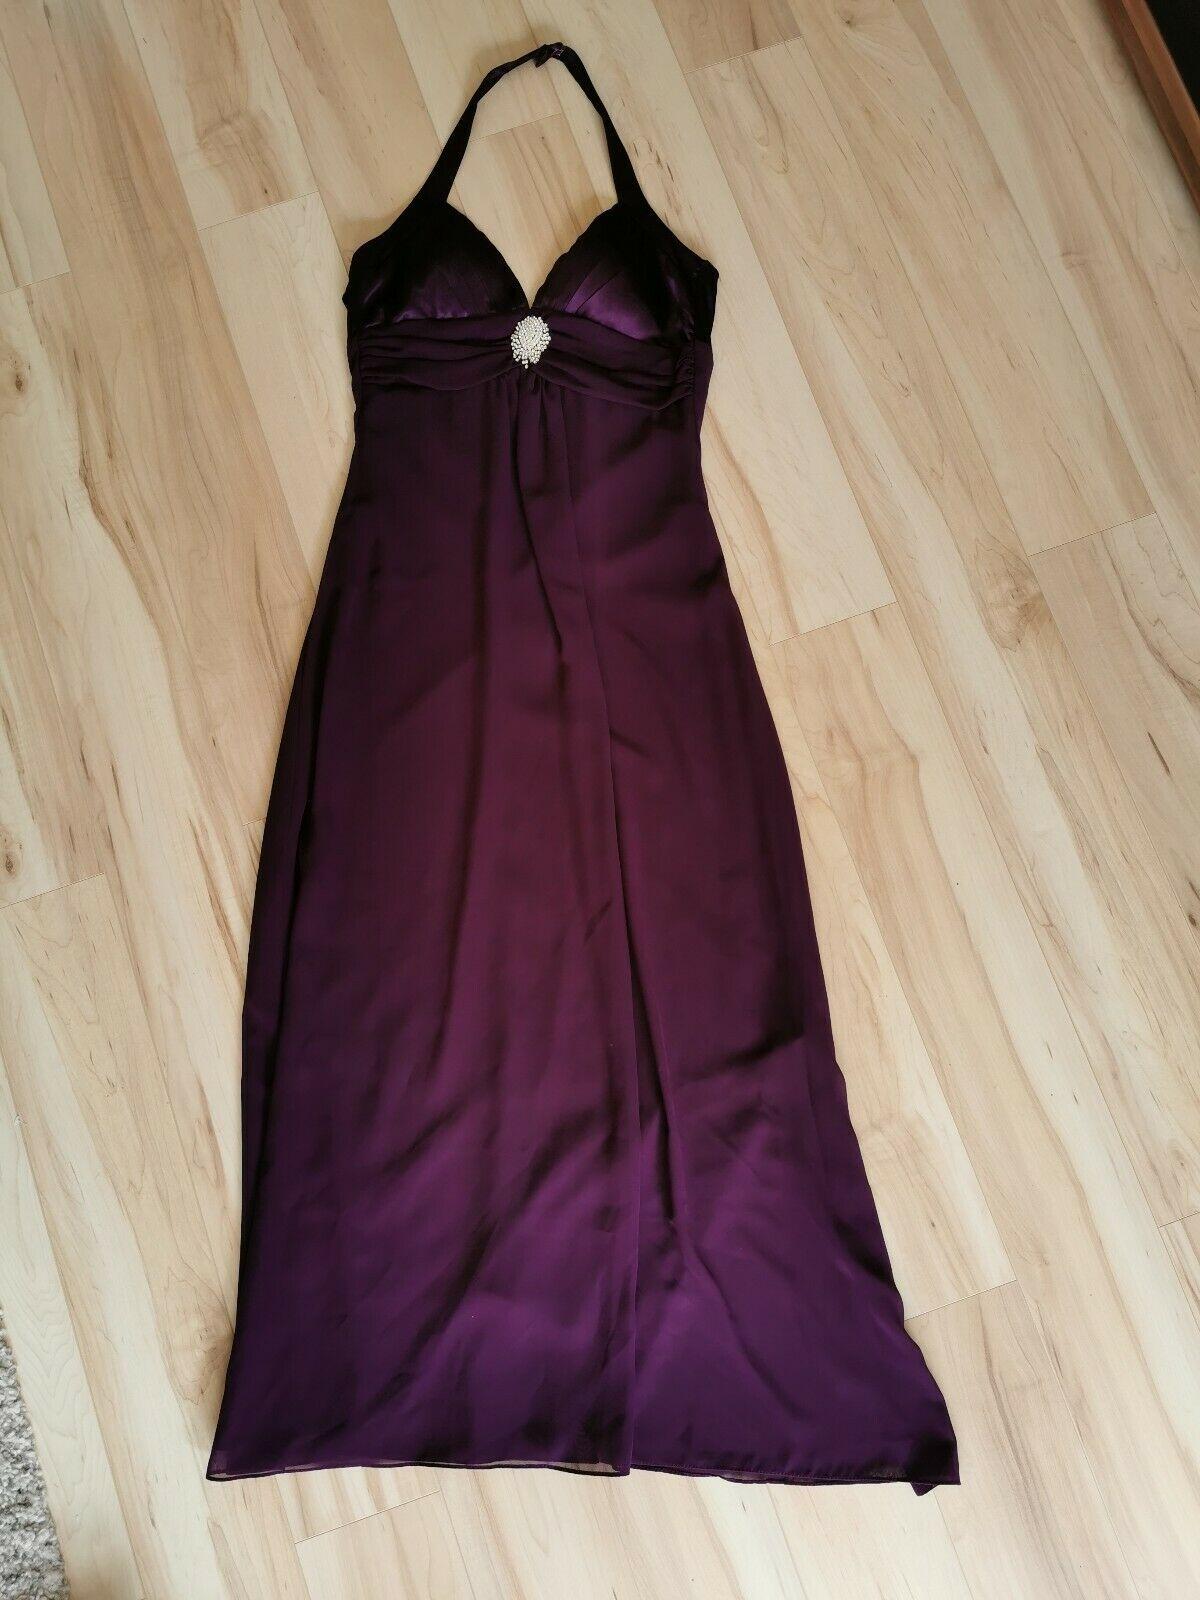 EUREKA Kleid Abendkleid Hochzeitskleid Gr. XS 18 TOP VIOLETT